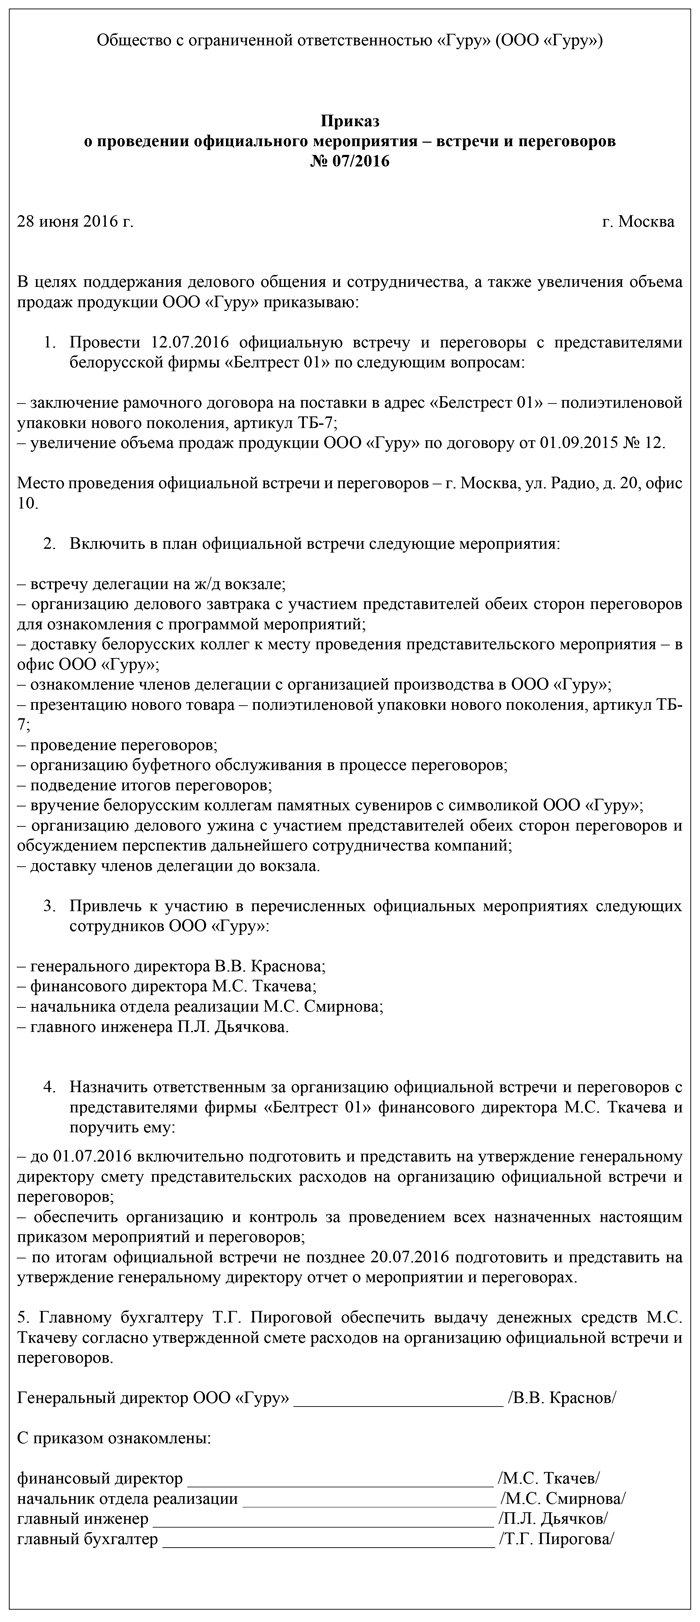 смета расходов образец казахстан